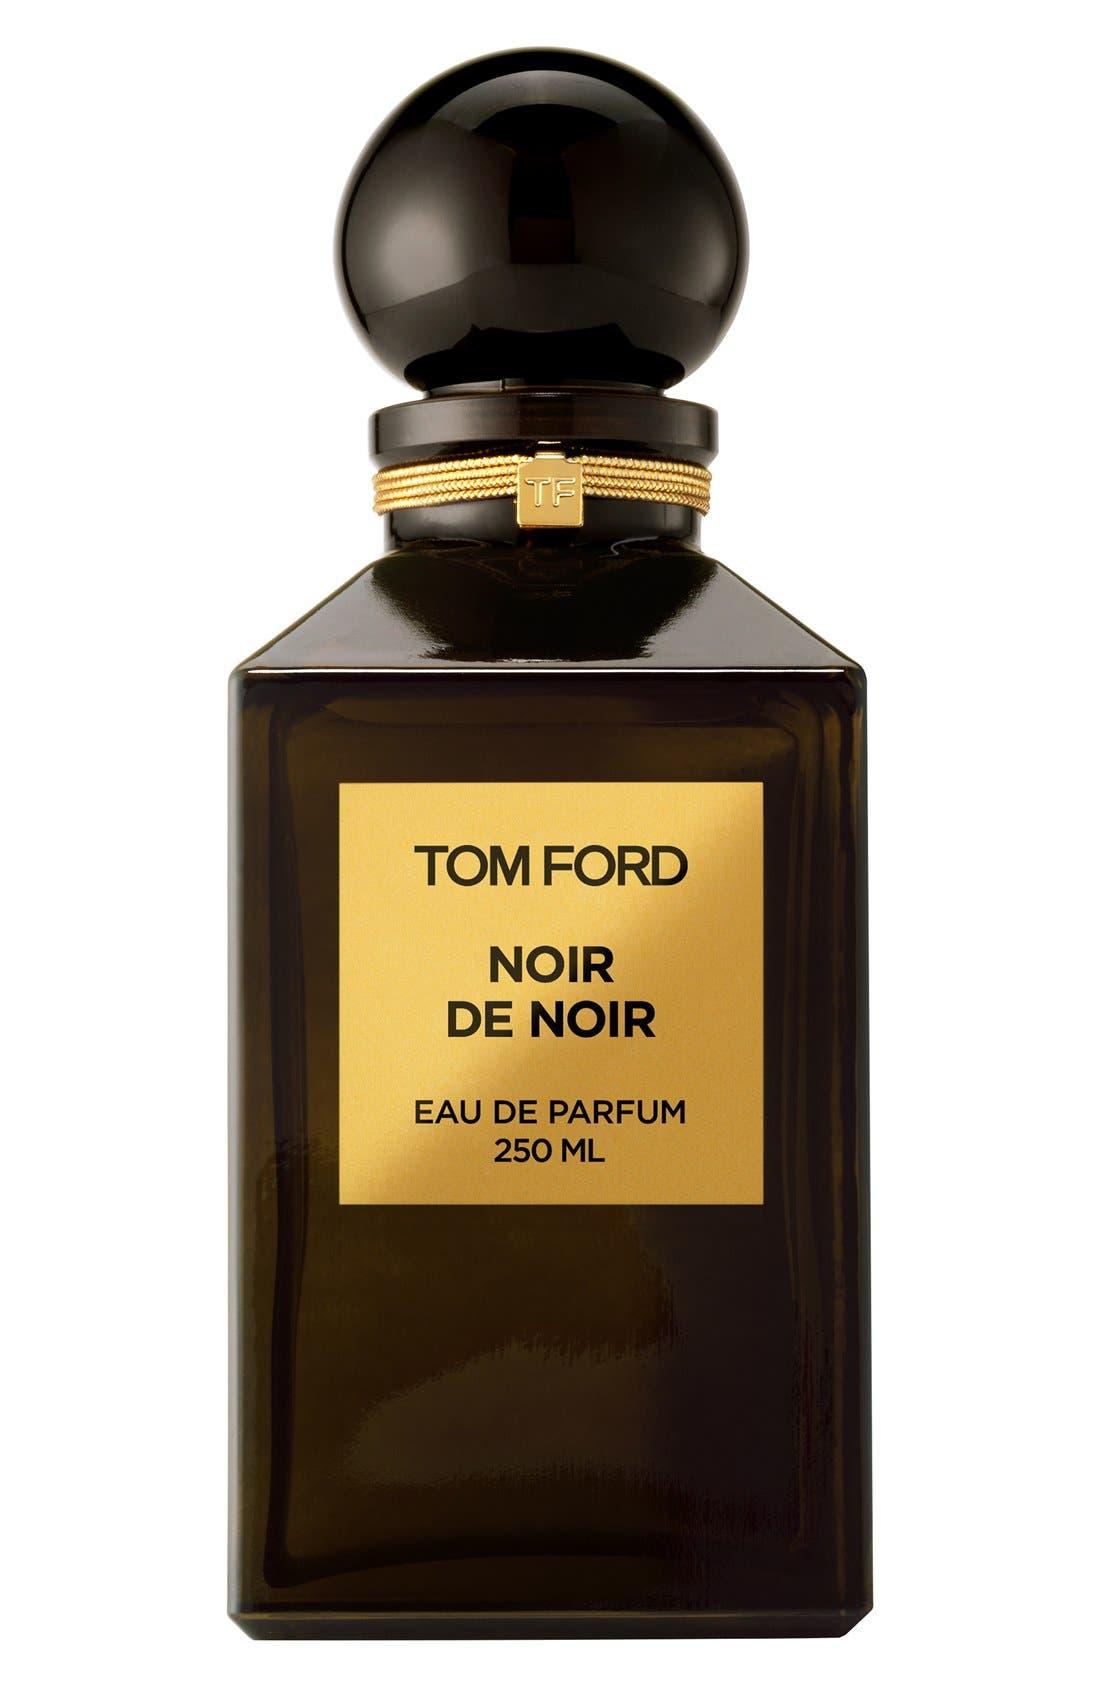 Tom Ford Private Blend Noir de Noir Eau de Parfum Decanter